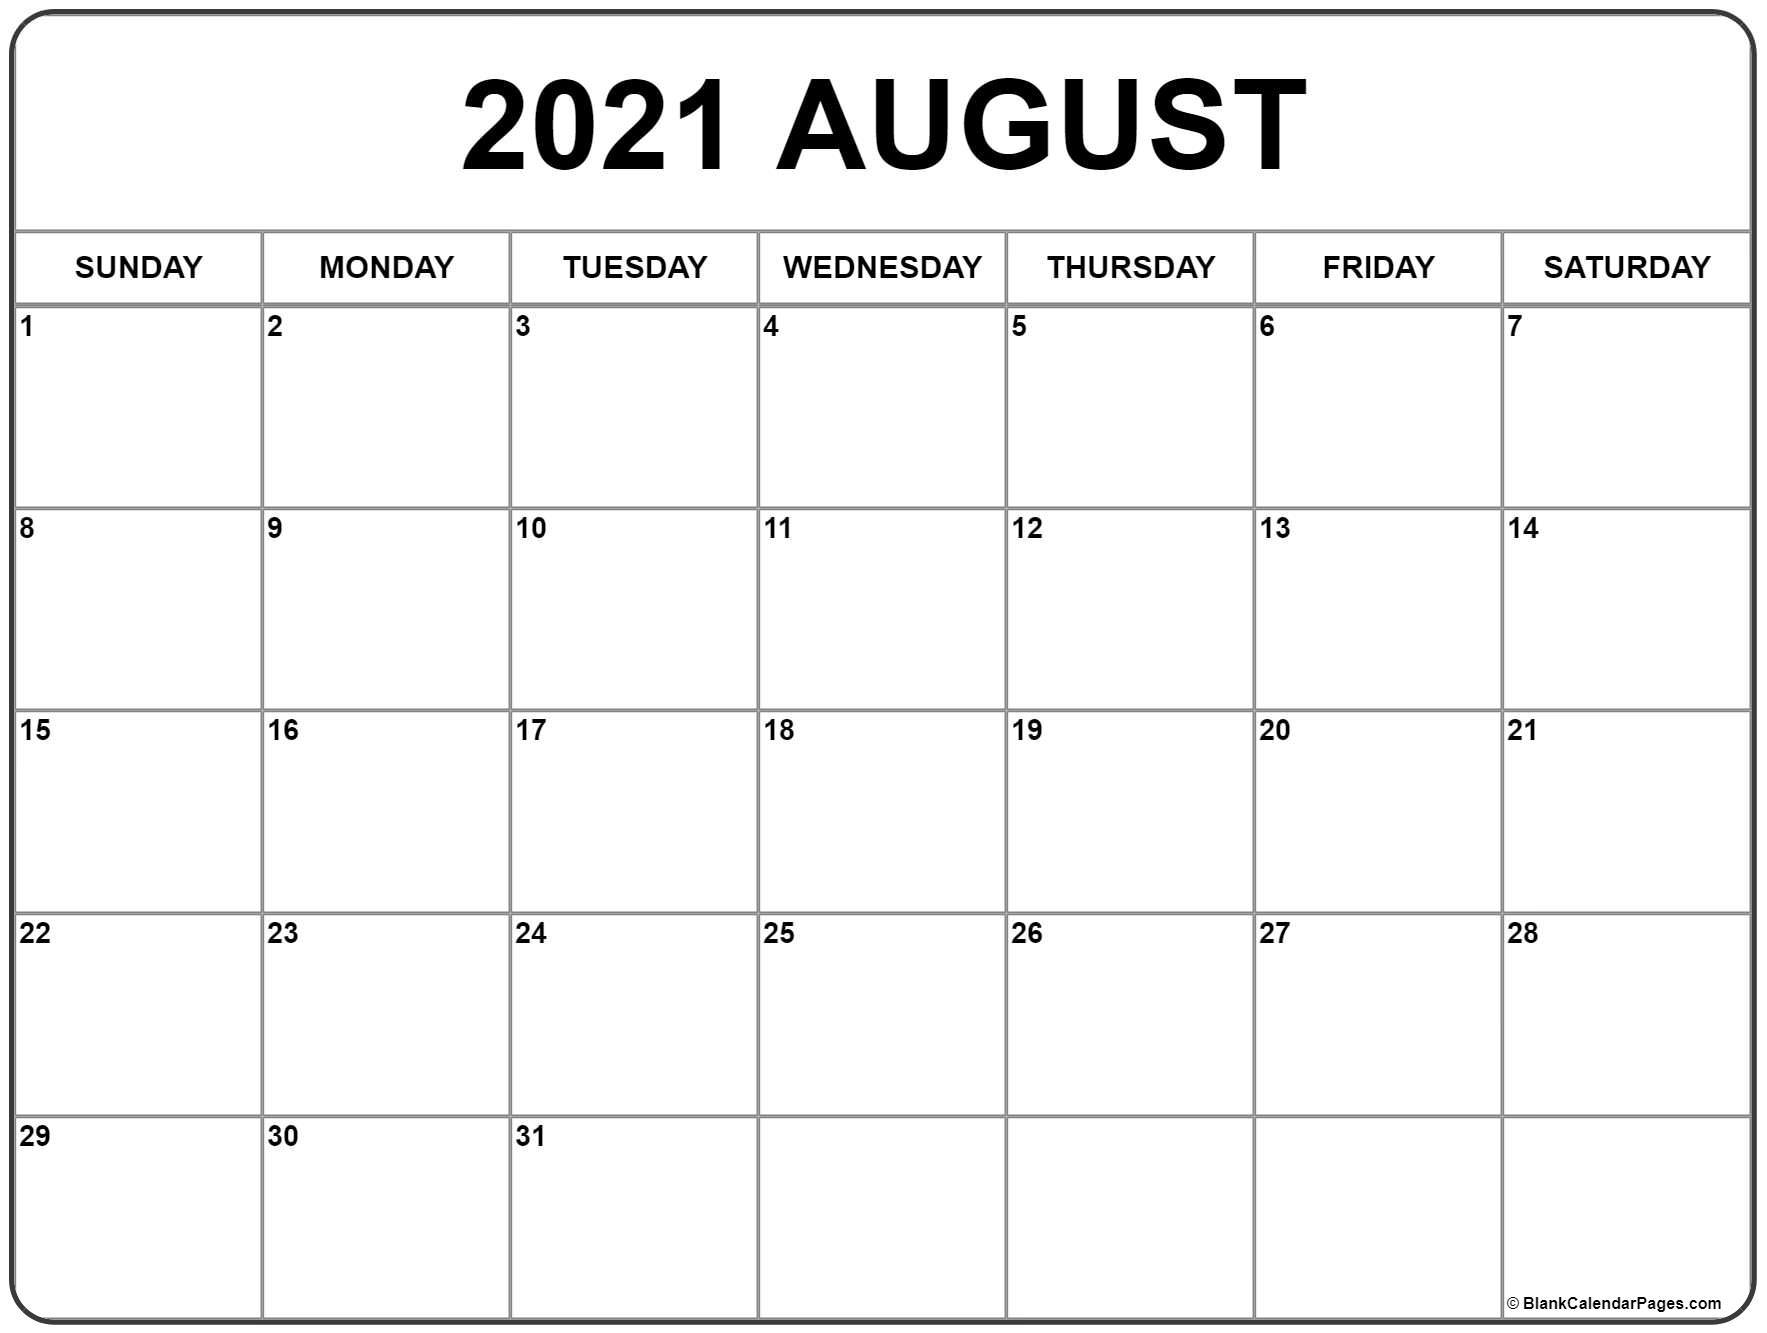 Catch August 2021 Calendar